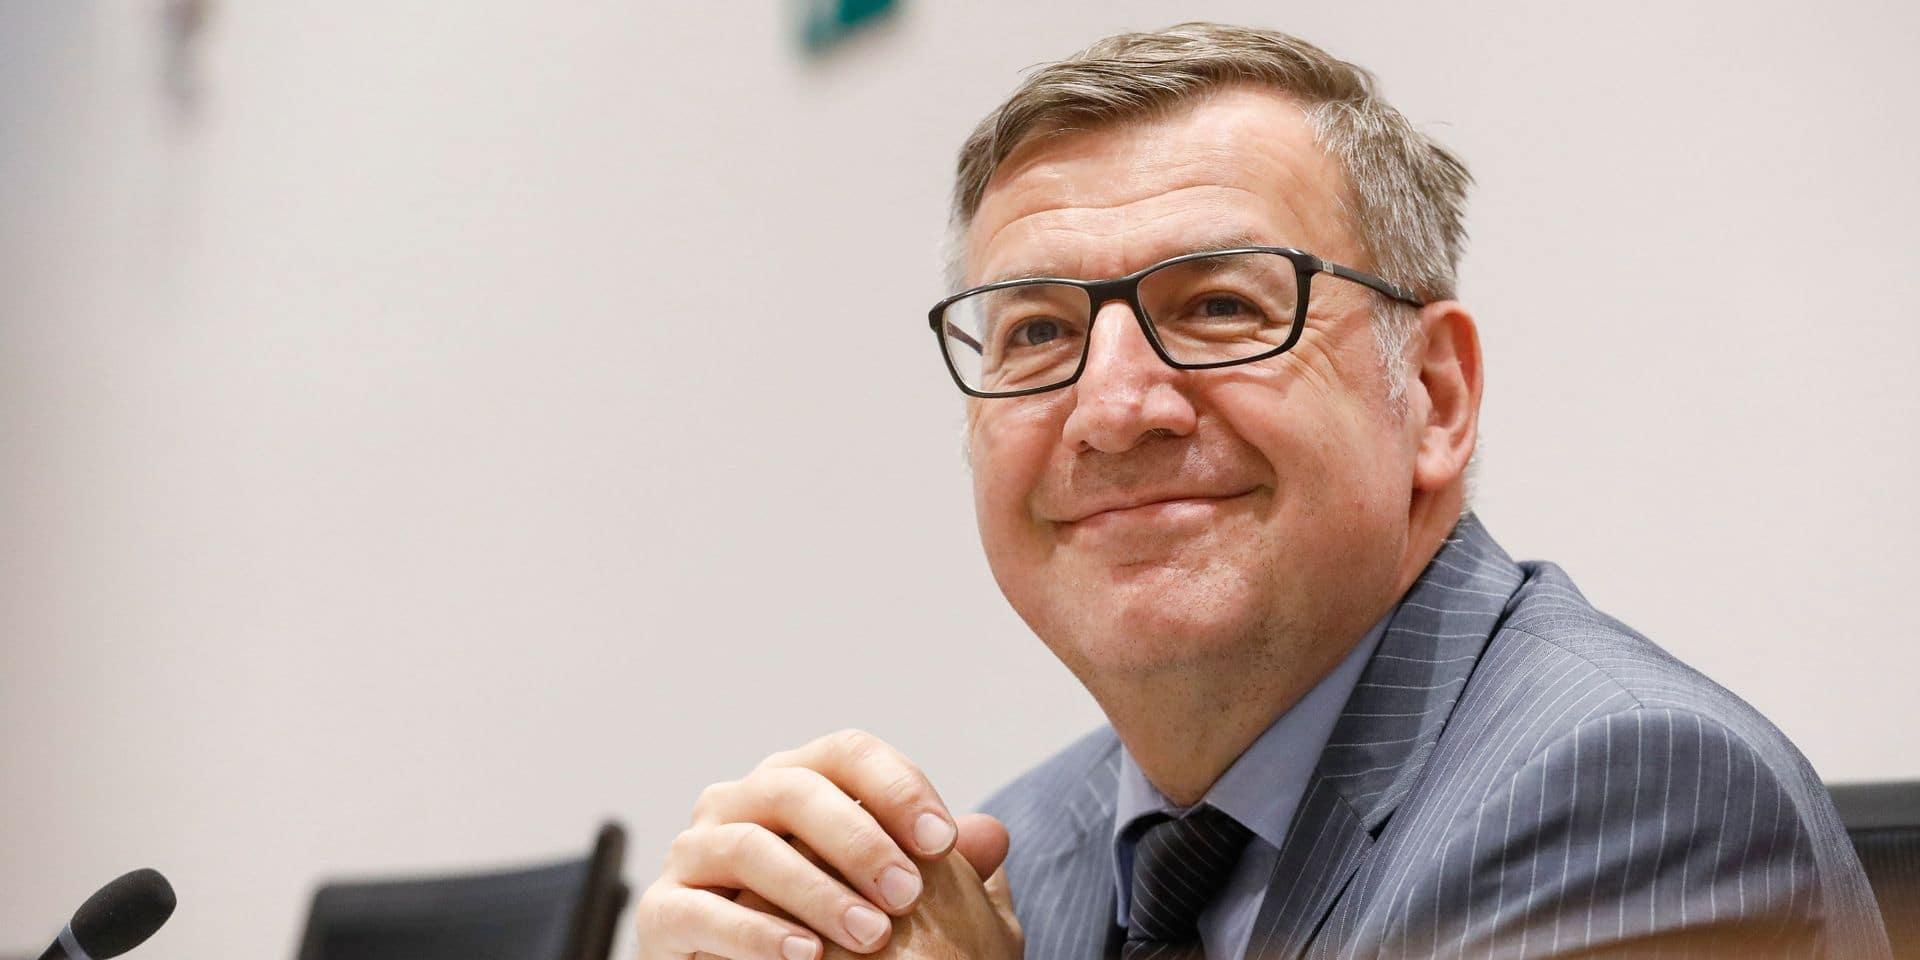 Steven Vanackere est le nouveau vice-gouverneur de la Banque nationale de Belgique